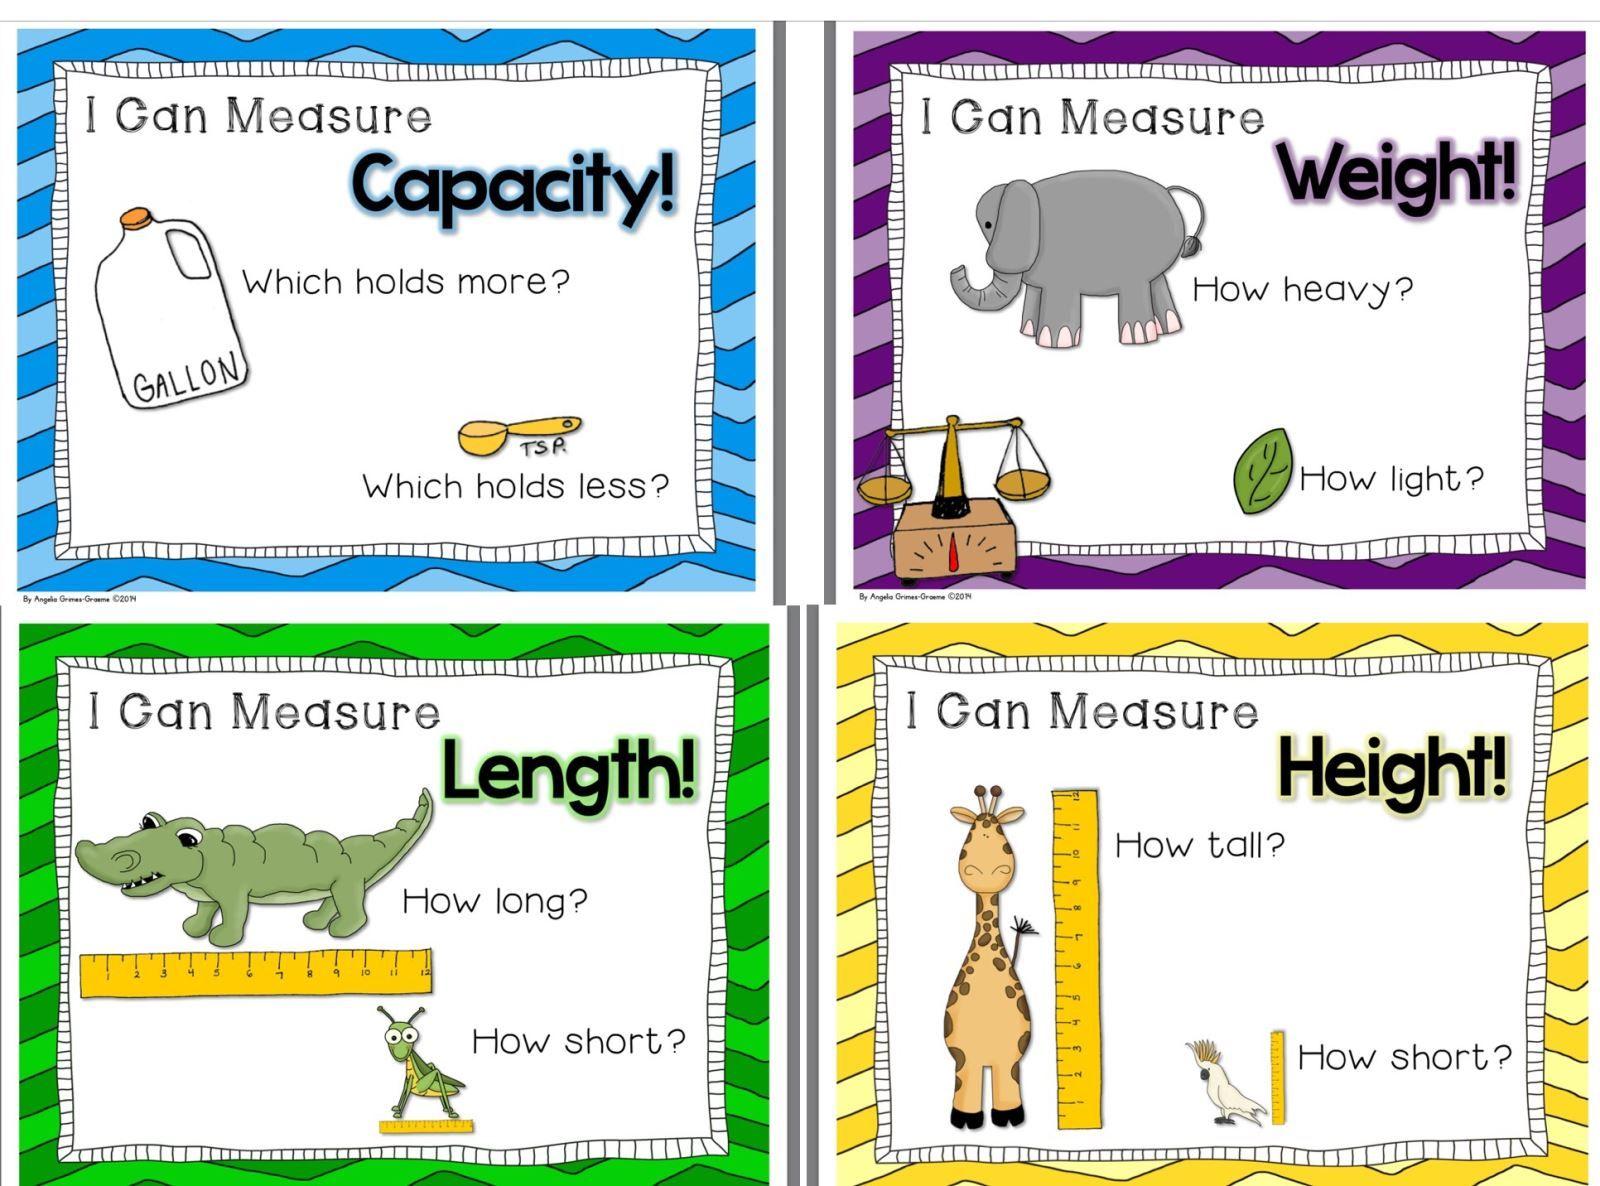 Compare Measurable Attributes